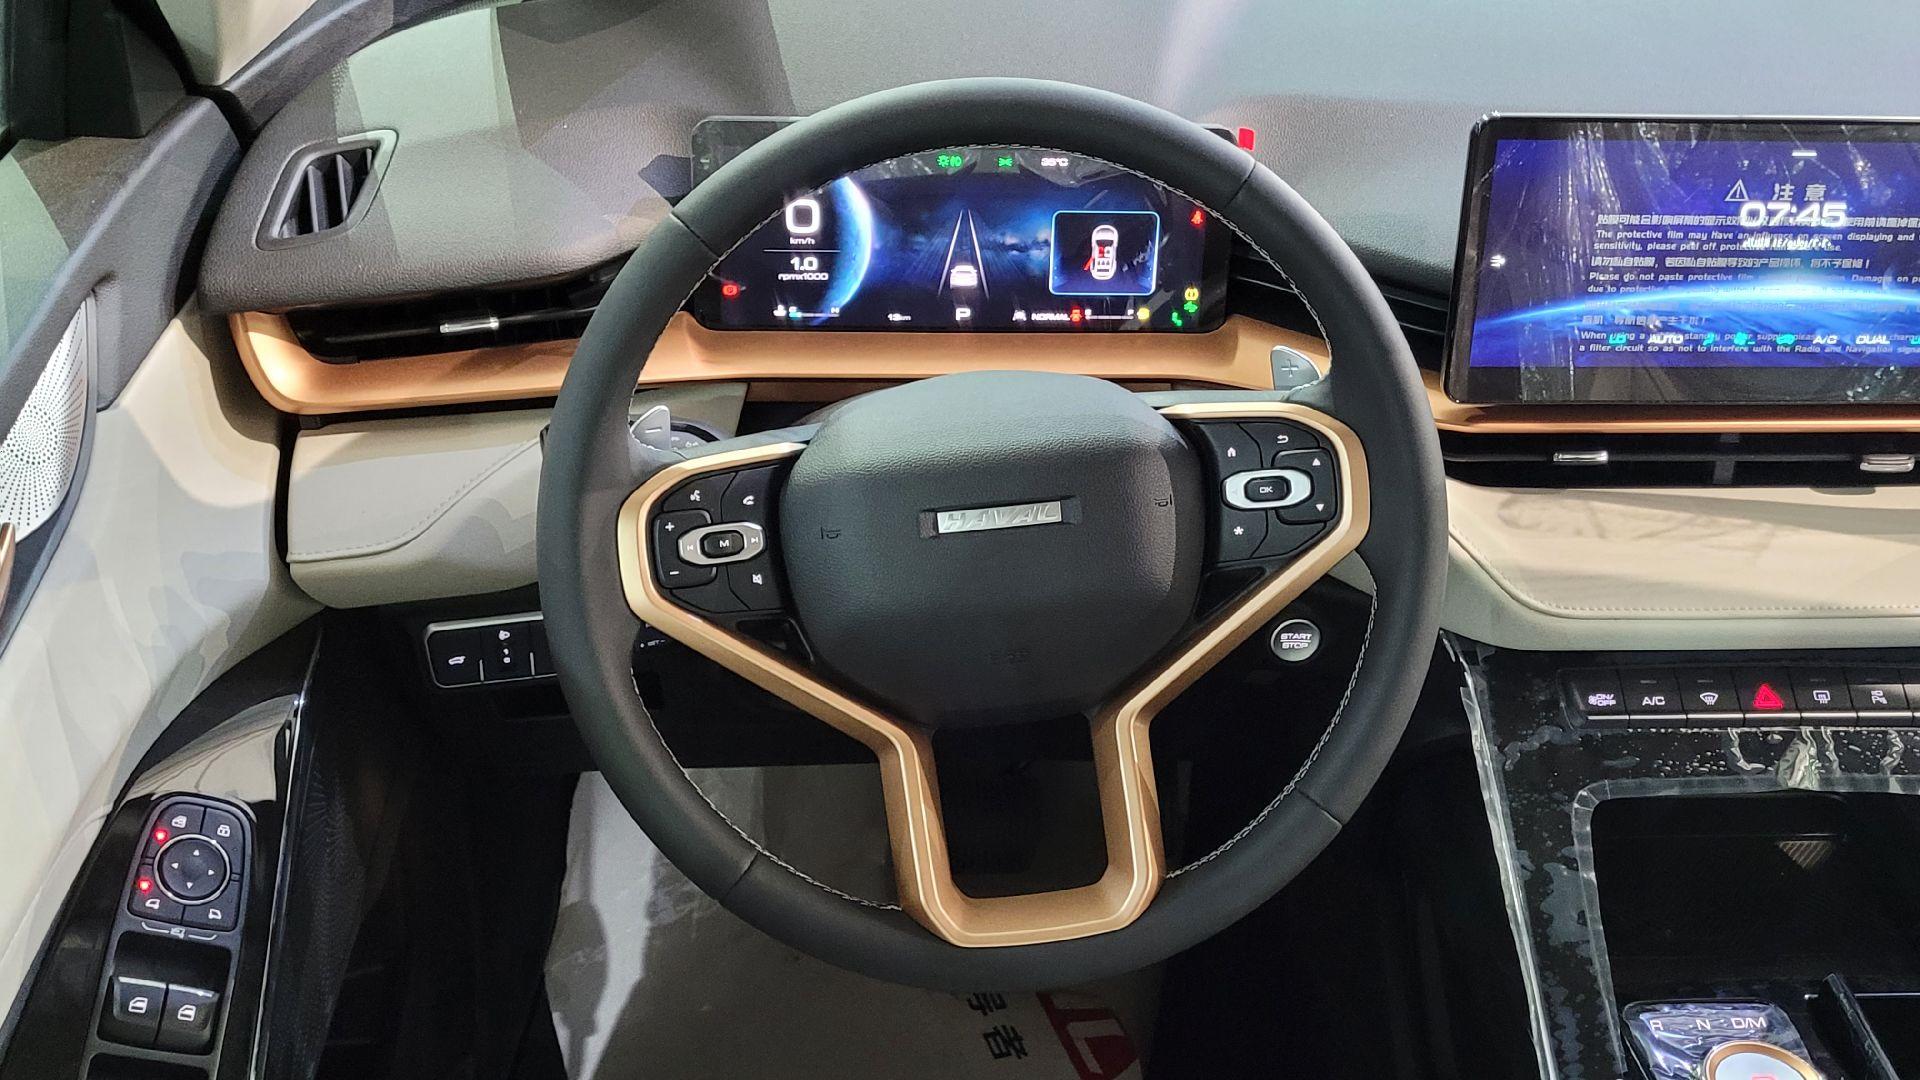 مباع - هافال H6 الشكل الجديد Premium 2022 فل سعودي للبيع في الرياض - السعودية - صورة كبيرة - 18